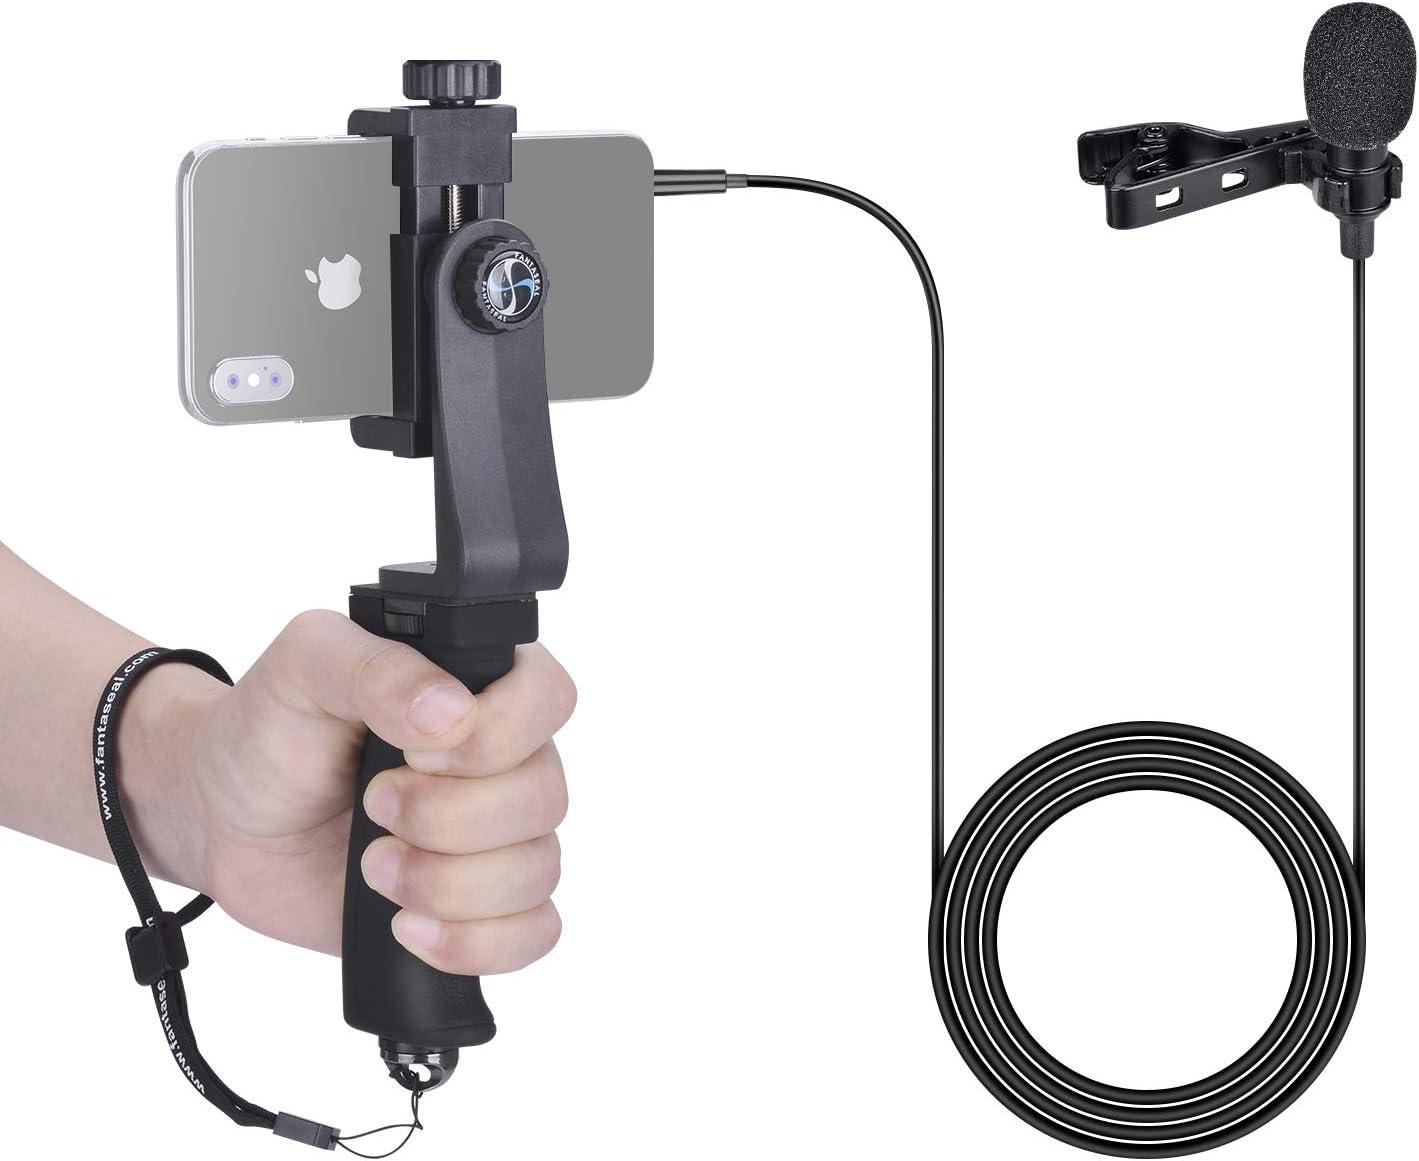 1.5m Cord 3.5mm Jack Smartphone V/ídeo Grabaci/ón Estabilizador Equipo,Micr/ófono de Solapa con Clip Micr/ófono de Solapa Soporte de Agarre Manual para iPhone Samsung YouTube Livestream Vlog Entrevista